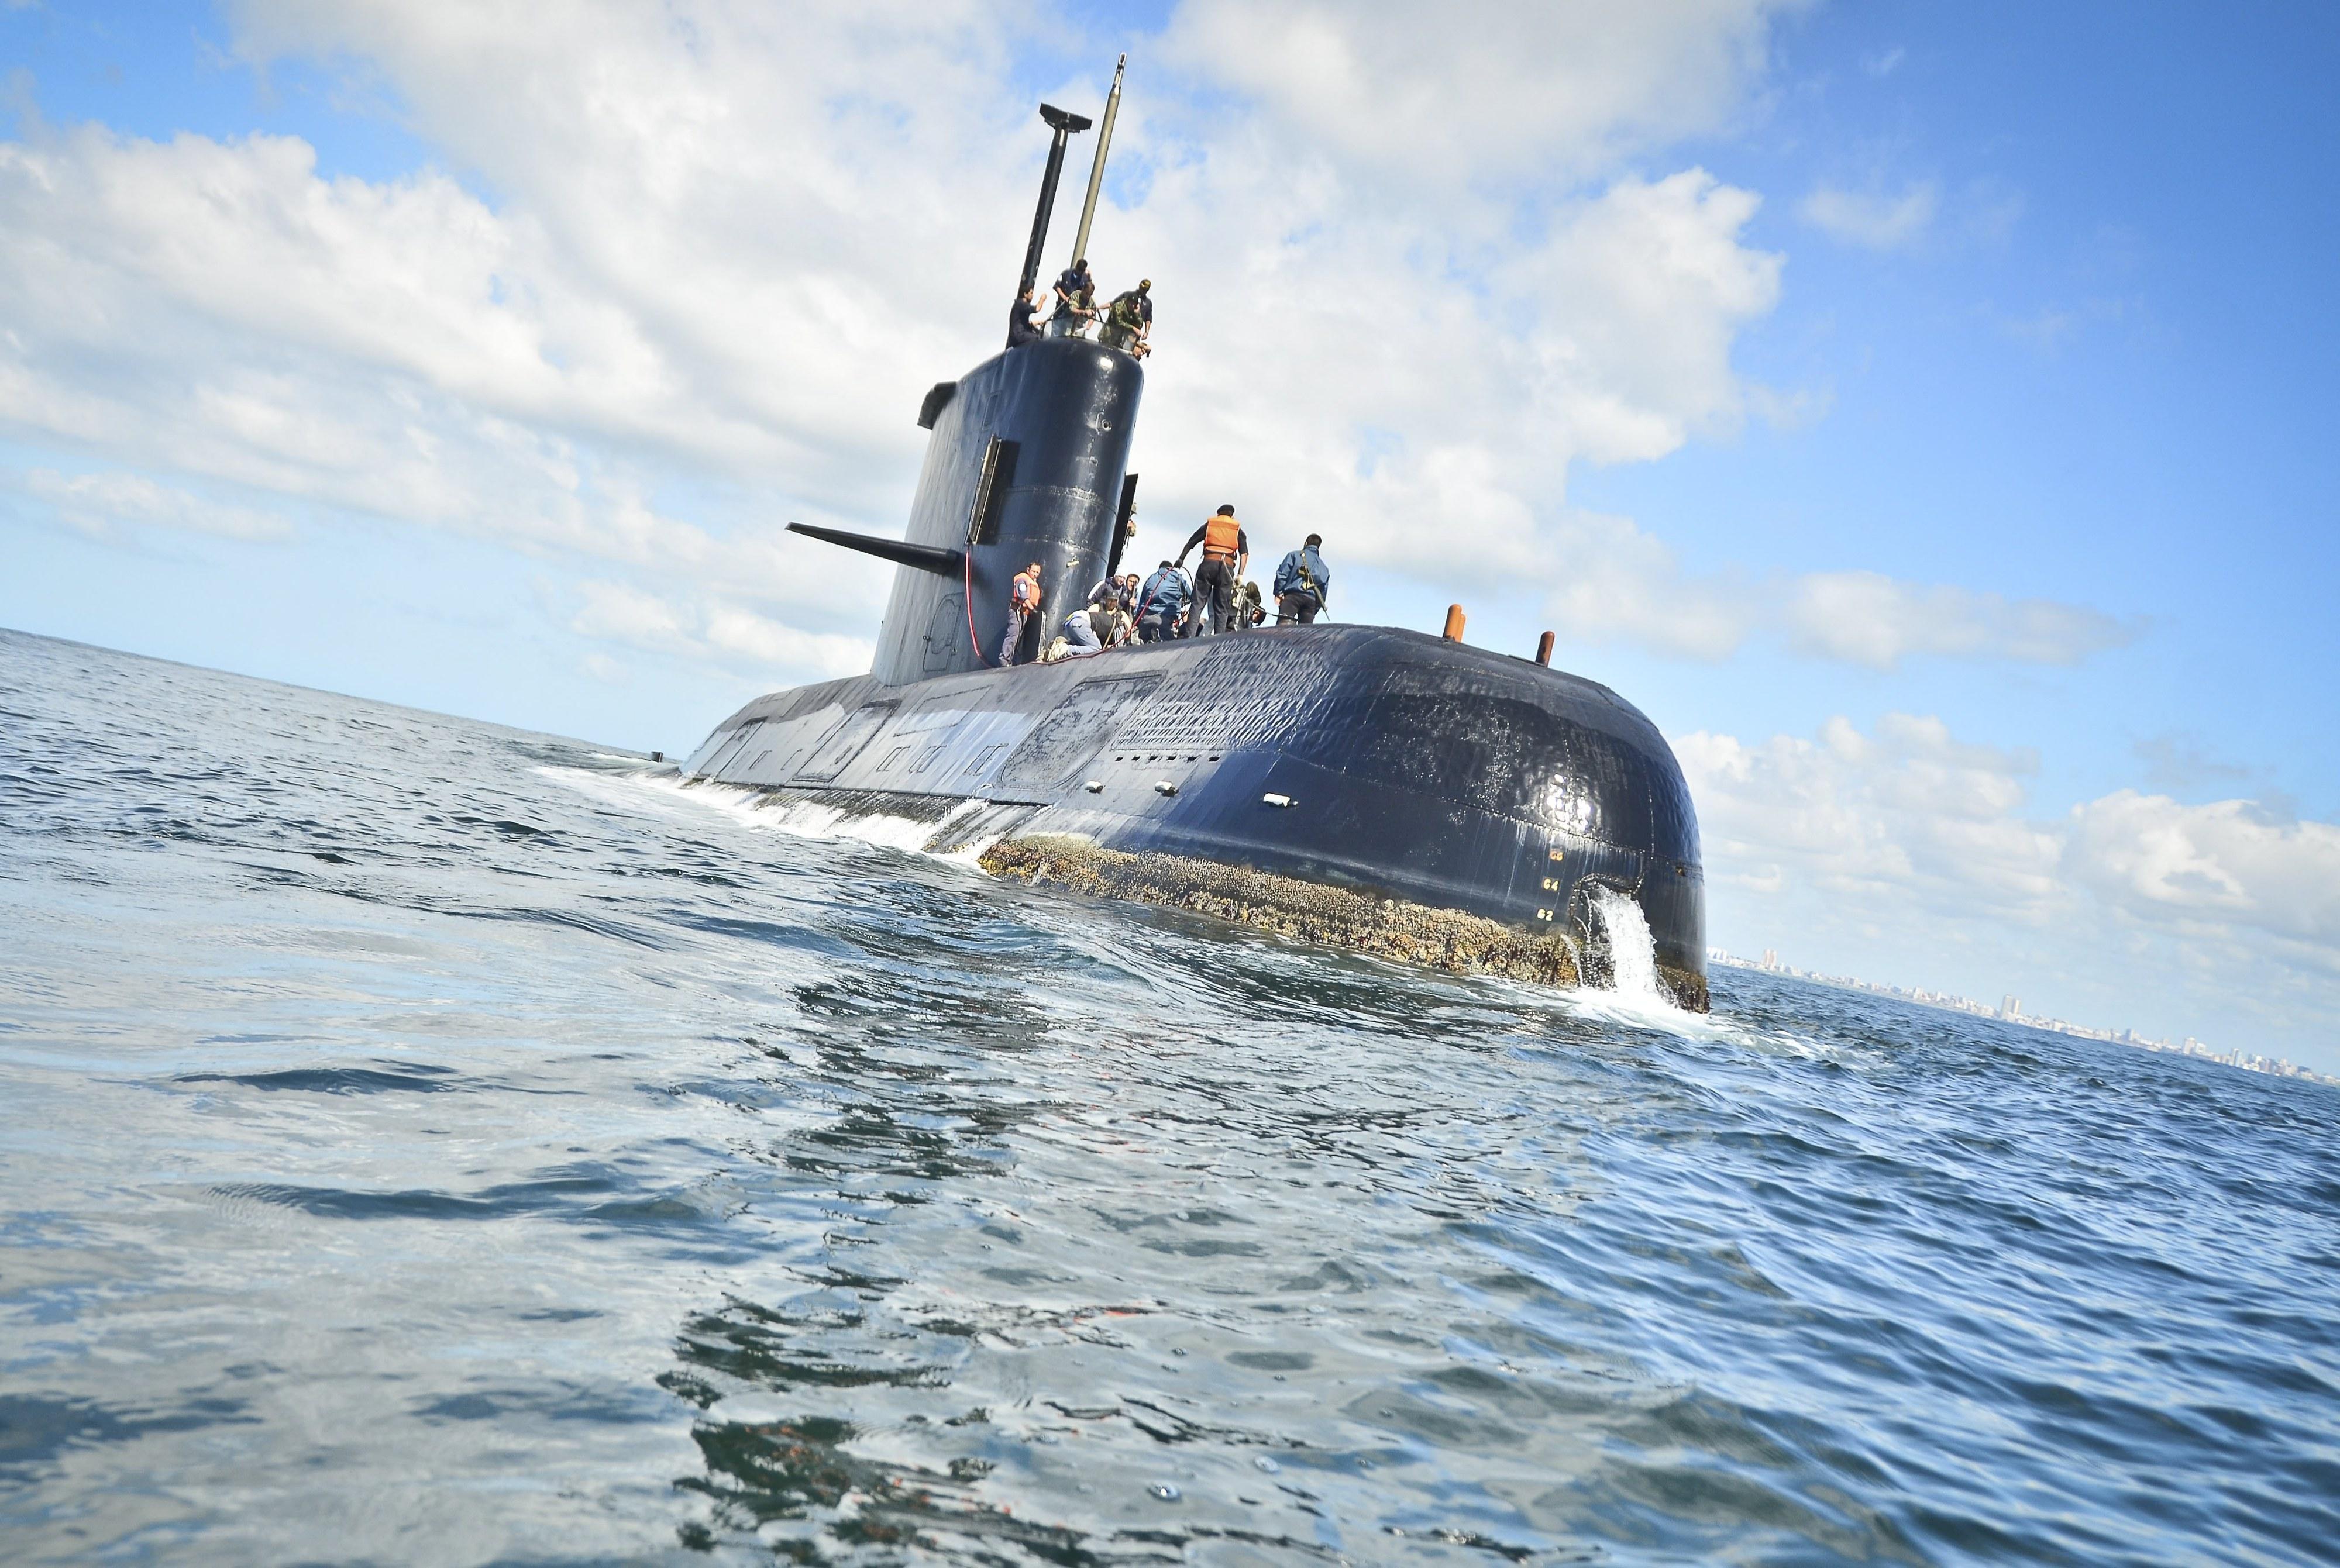 Argentina: Armada deteta sinais que podem ser de submarino desaparecido